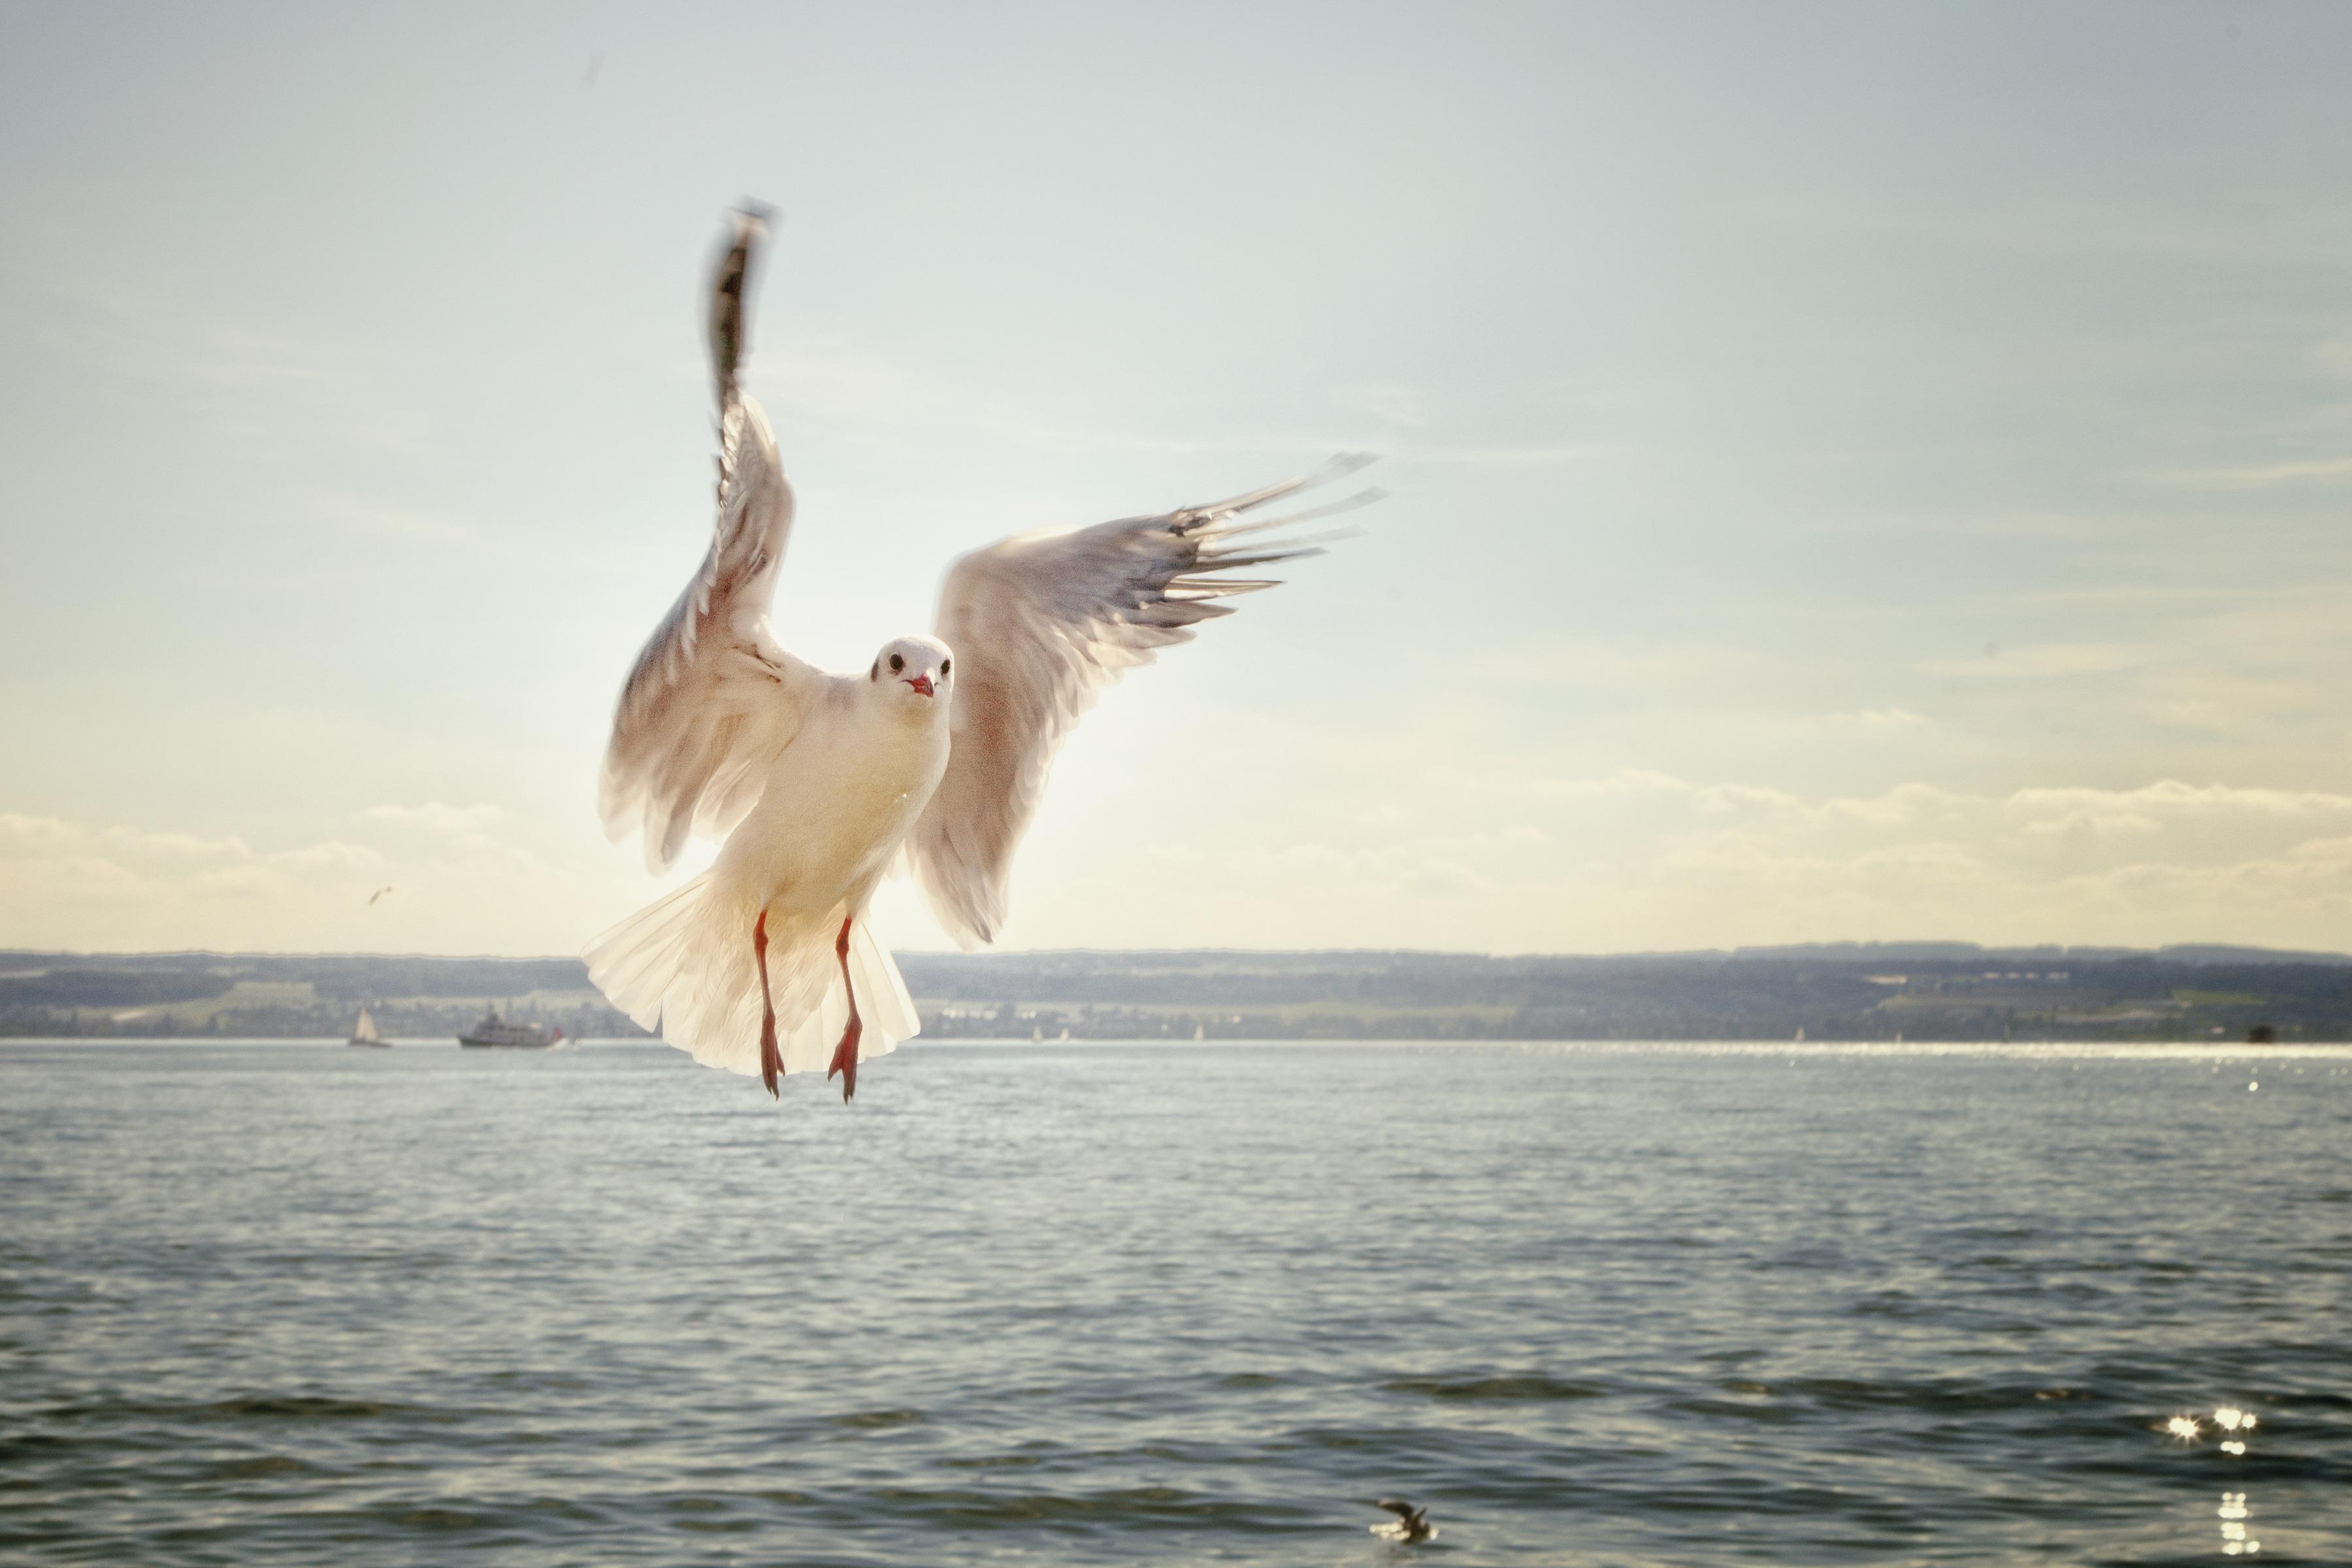 Mouette en vol Lac de Constance